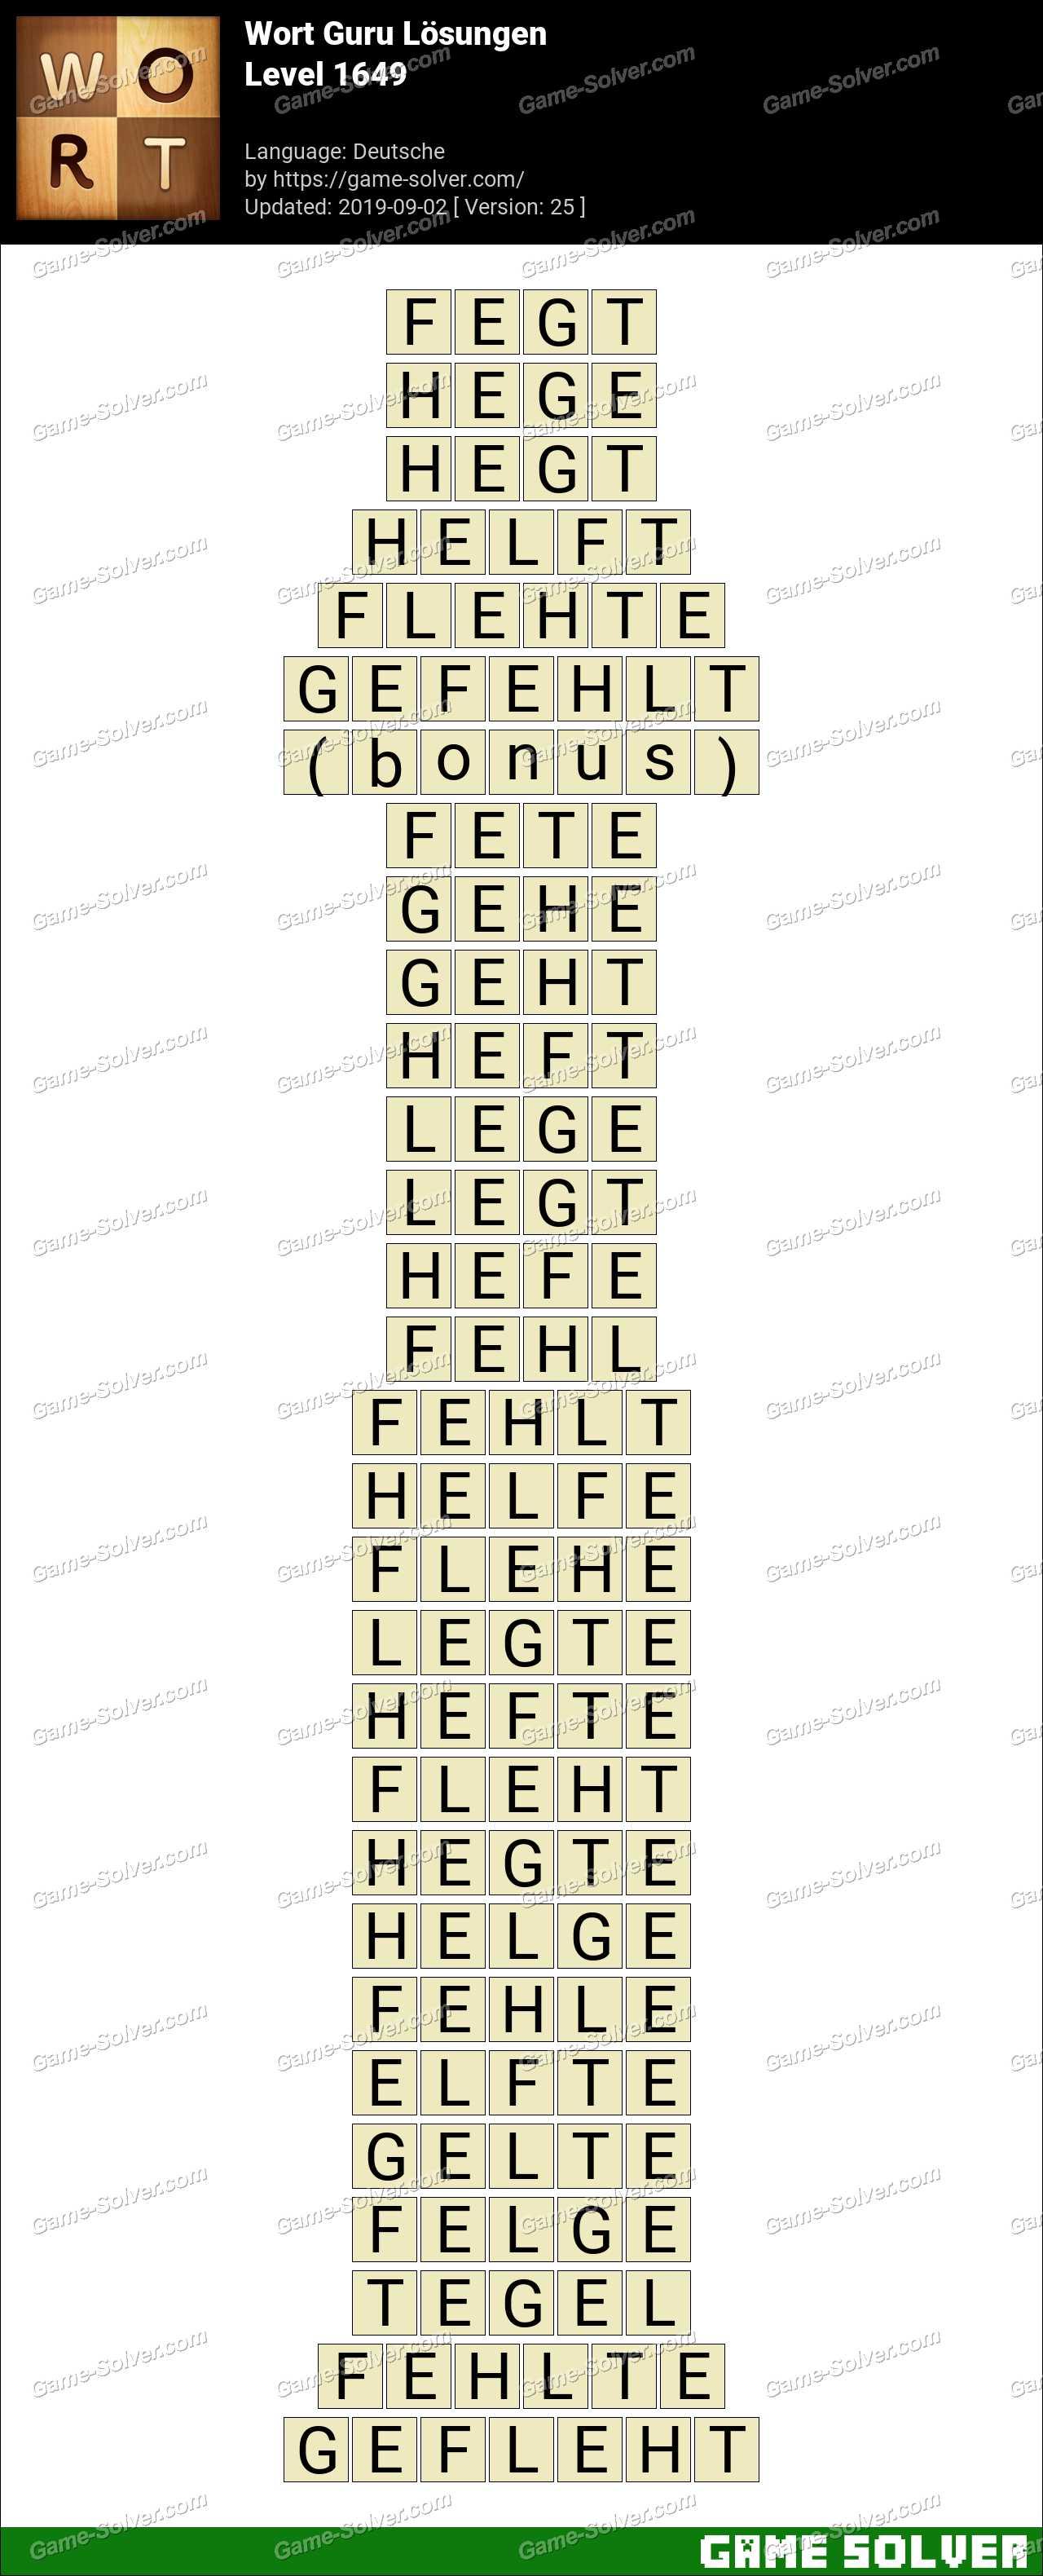 Wort Guru Level 1649 Lösungen